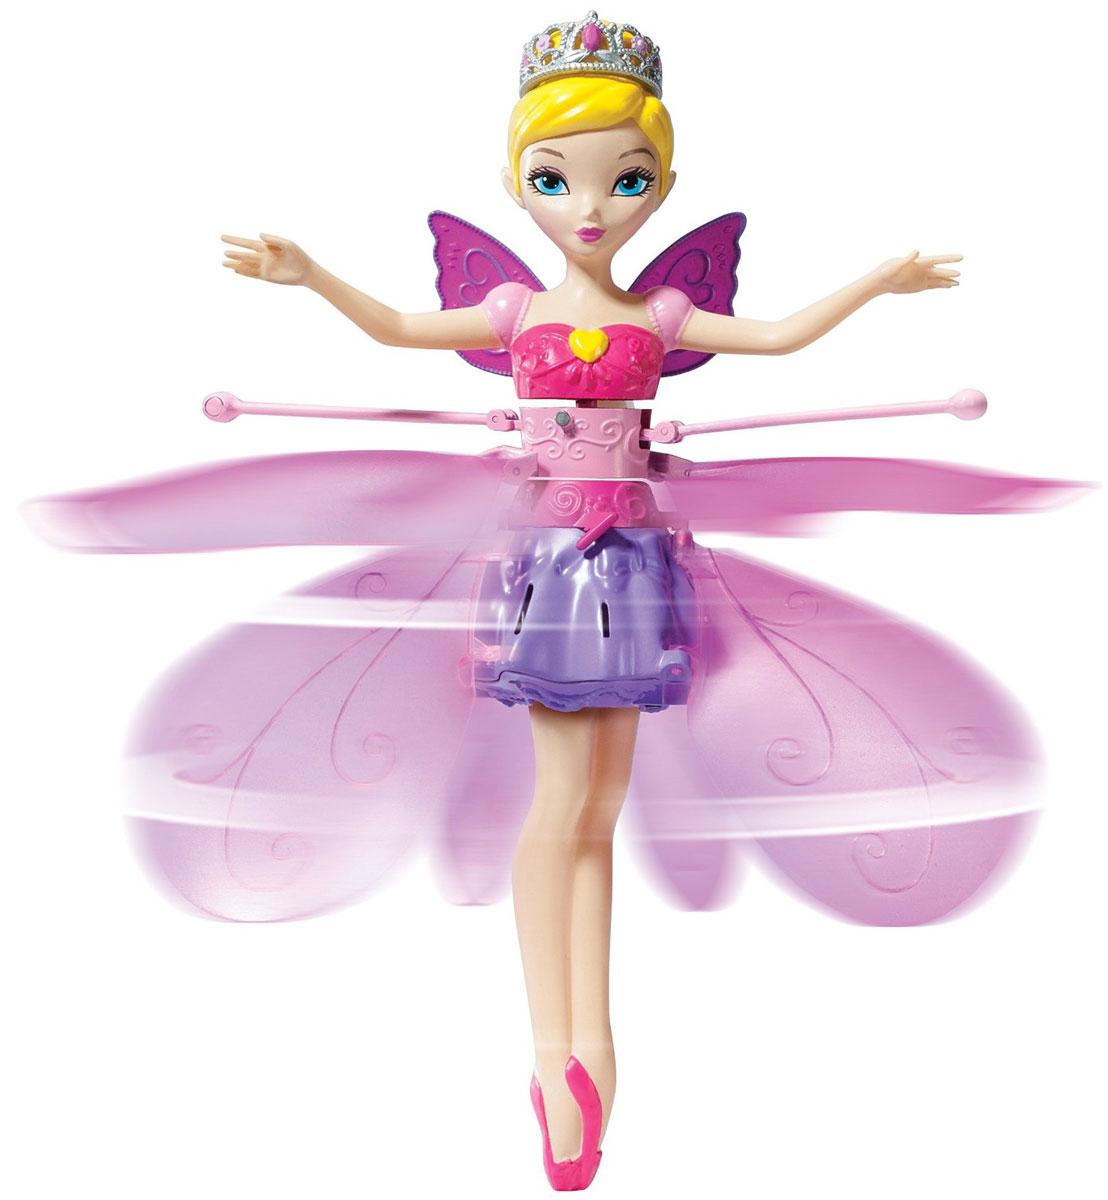 Flying Fairy Кукла Принцесса парящая в воздухе35822Кукла Flying Fairy Фея приведет в восторг вашу малышку, ведь это фея, которая действительно летает! Куколка, выполненная из пластика, представляет собой милую фею, одетую в платье сиреневого и розового цветов. В комплект с куколкой входит специальная база-подставка для нее. Чтобы запустить фею, необходимо активировать платформу. Поместите куклу на платформу и нажмите стартовую кнопку - фея взлетит! Можно просто наблюдать за ее полетом или управлять им с помощью рук. Порадуйте свою малышку таким волшебным подарком! Перед полетом игрушку Flying Fairy необходимо зарядить. Минимальное время зарядки 5 минут. Полная зарядка 30 минут. Возможна зарядка от USB. Элемент питания: литий-полимерная батарея емкостью 140 мАч.